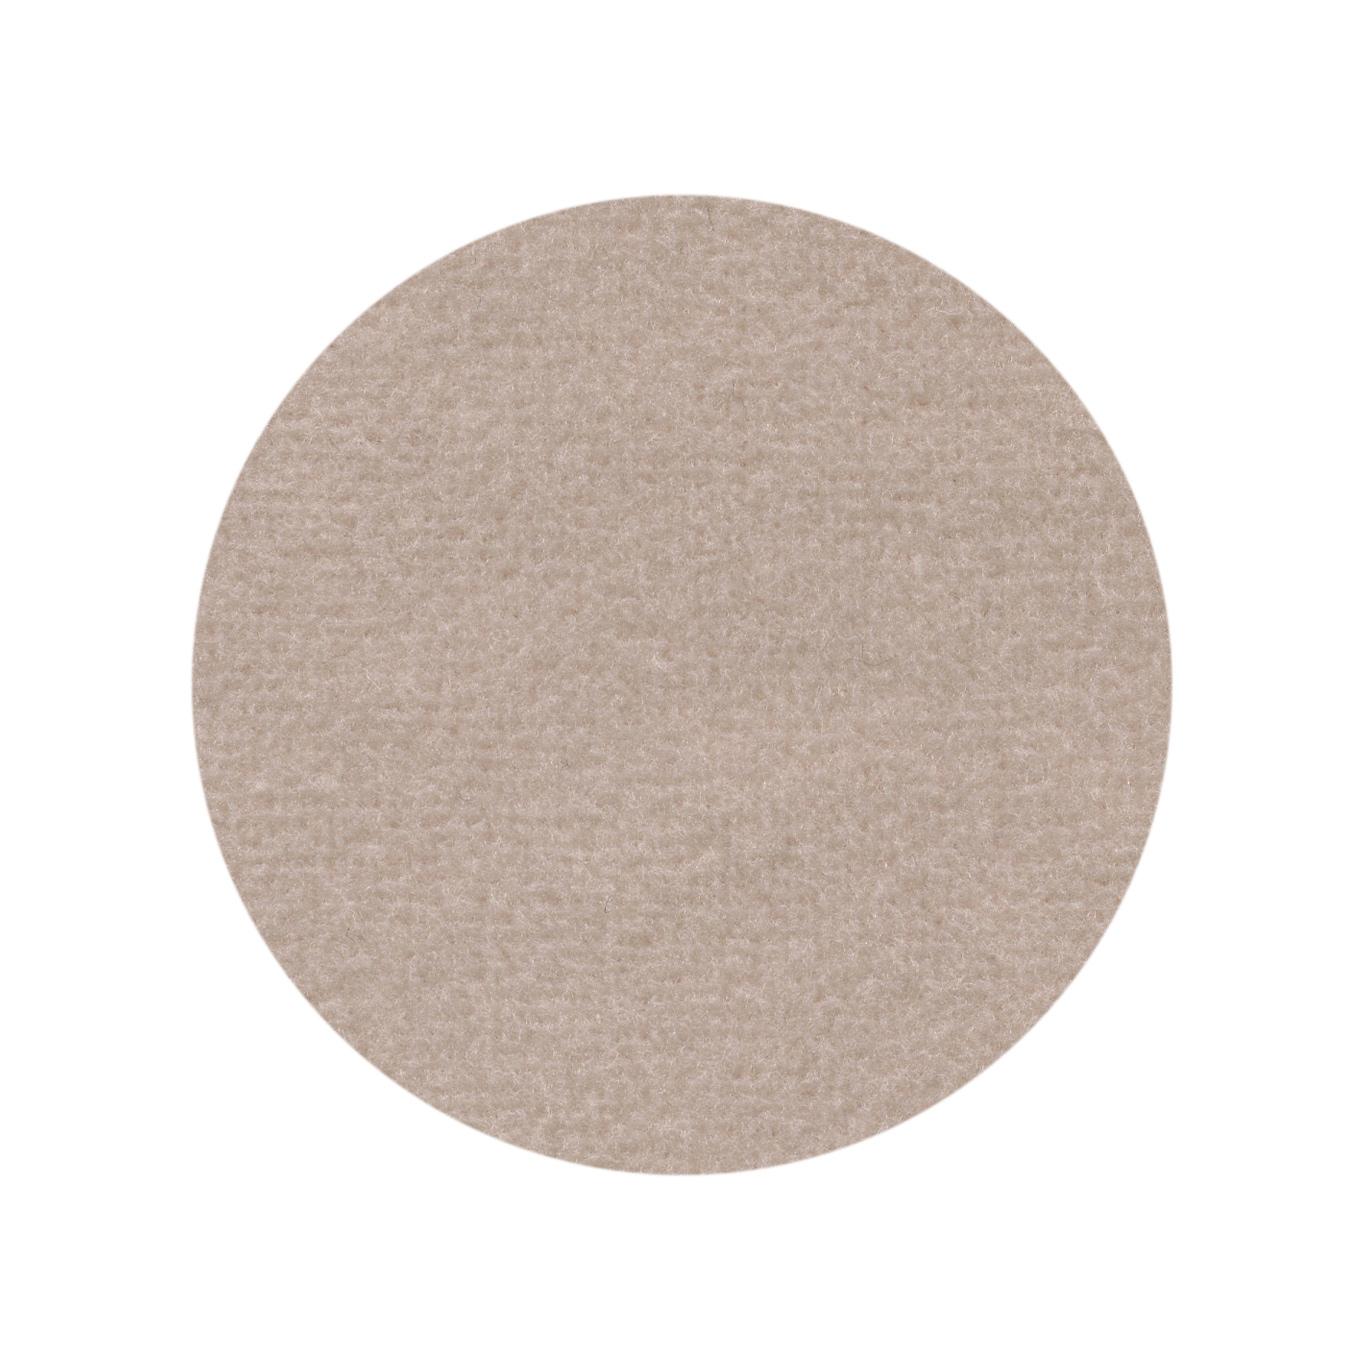 Performance Velvet - Dusty Blush